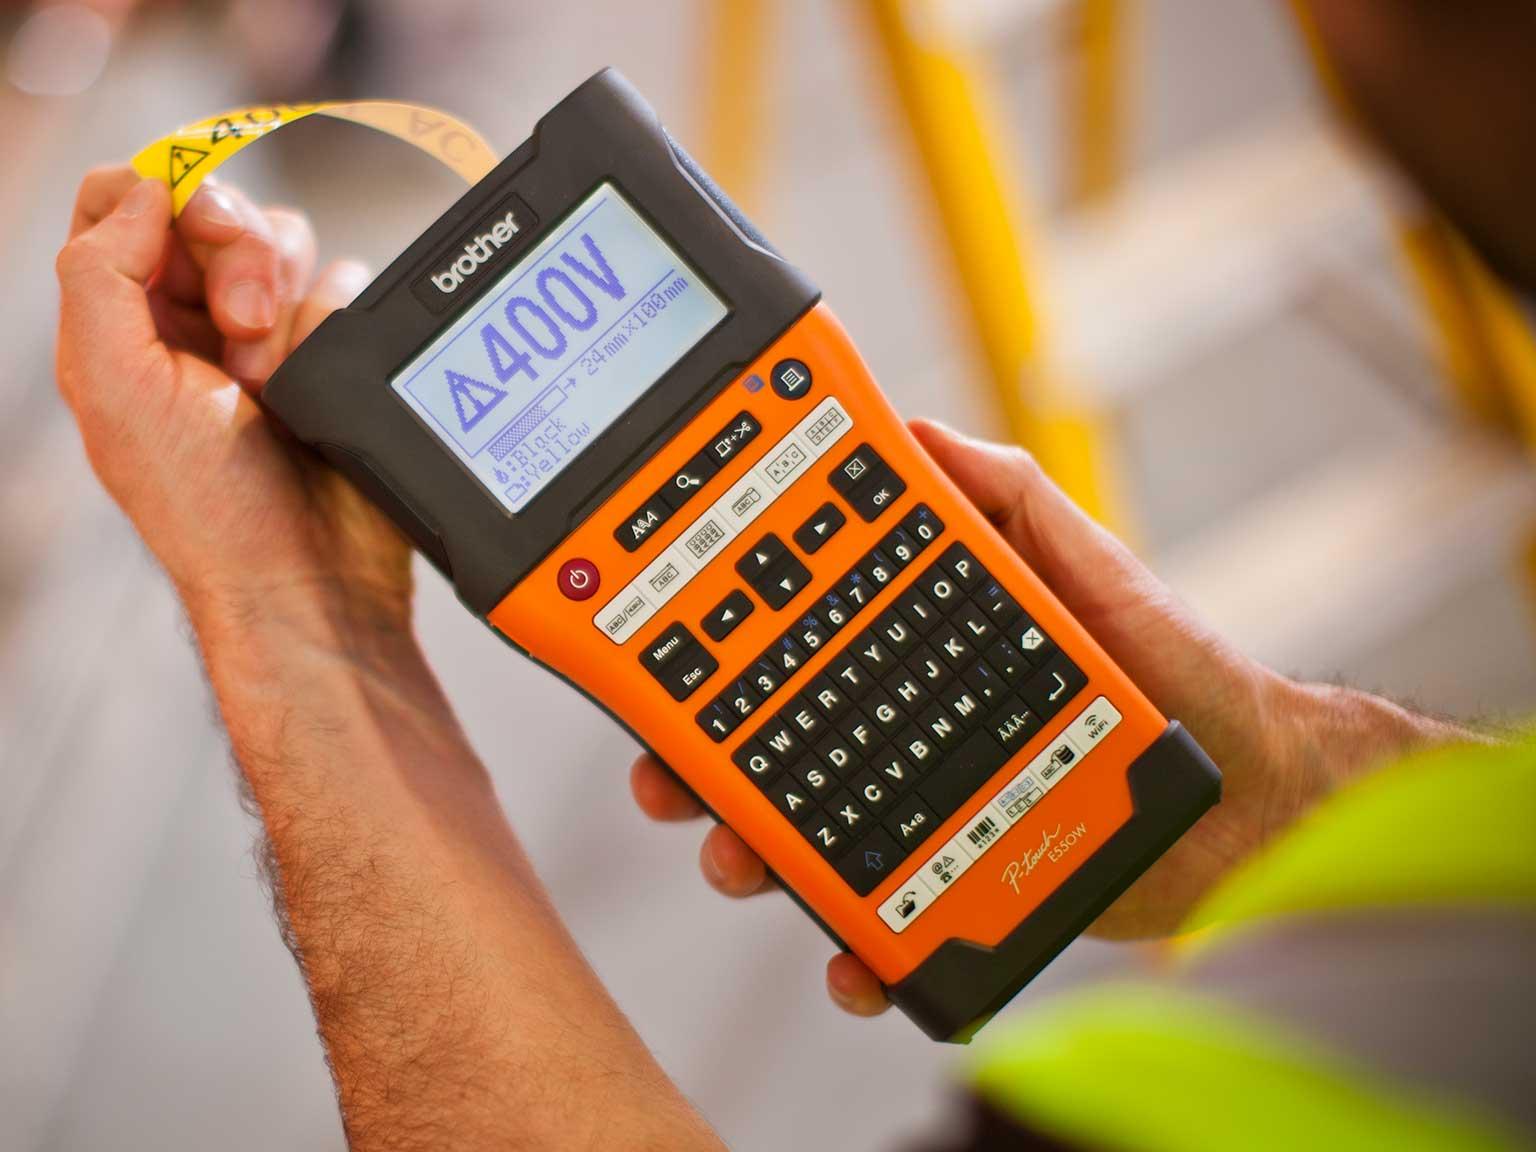 Tiskárna štítků Brother P-touch E550 v ruce